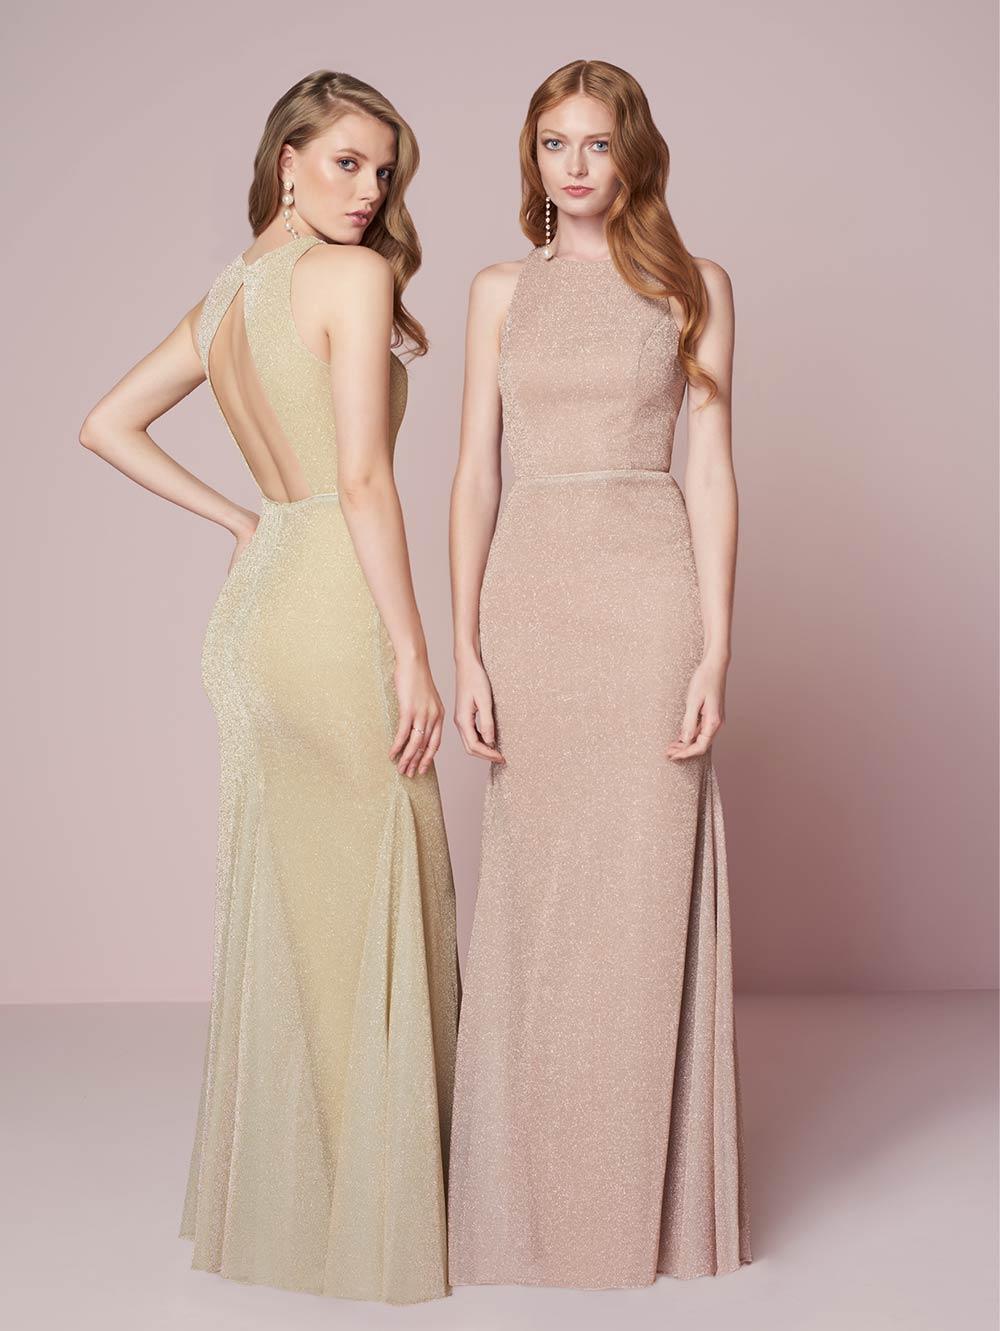 bridesmaid-dresses-jacquelin-bridals-canada-27776